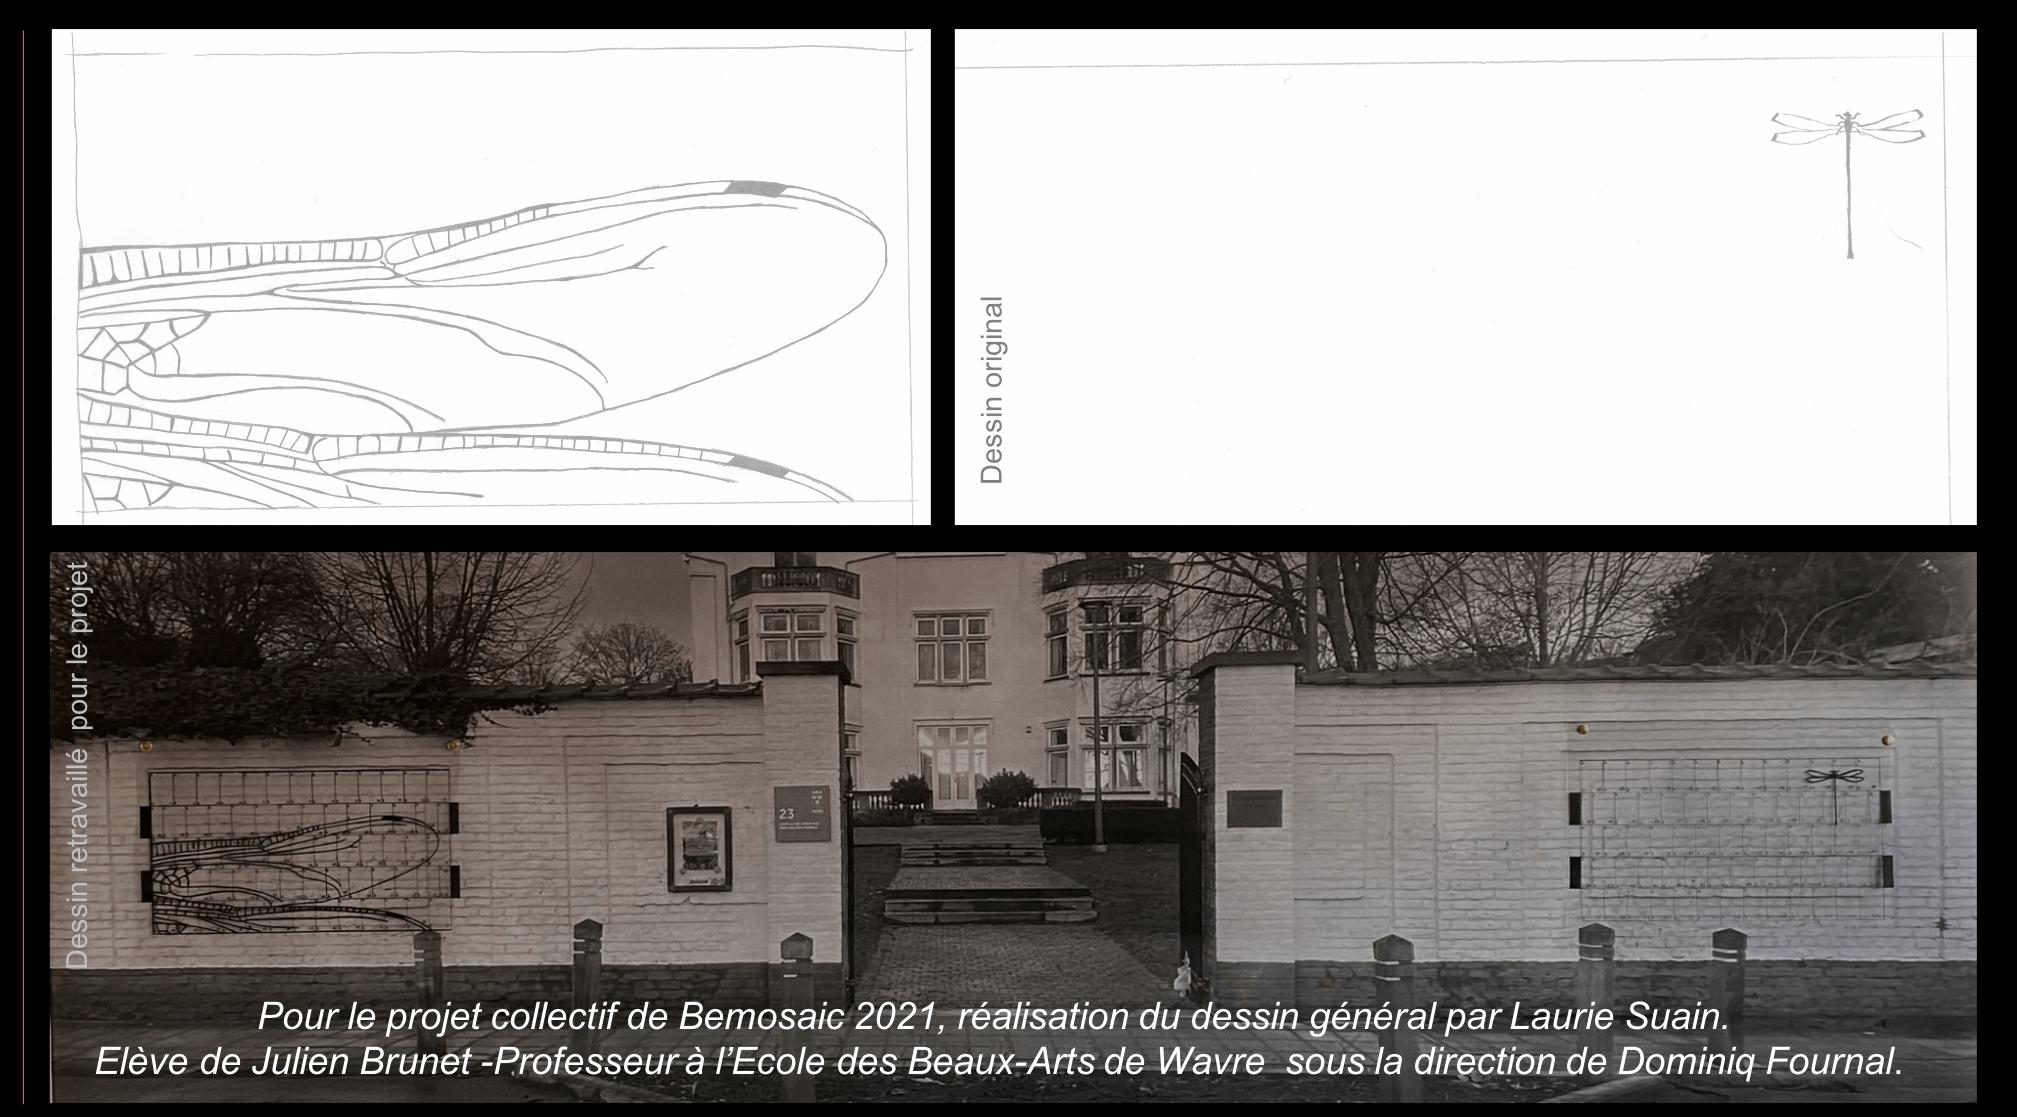 Dessin général mosaïque collective Bemosaic 2021